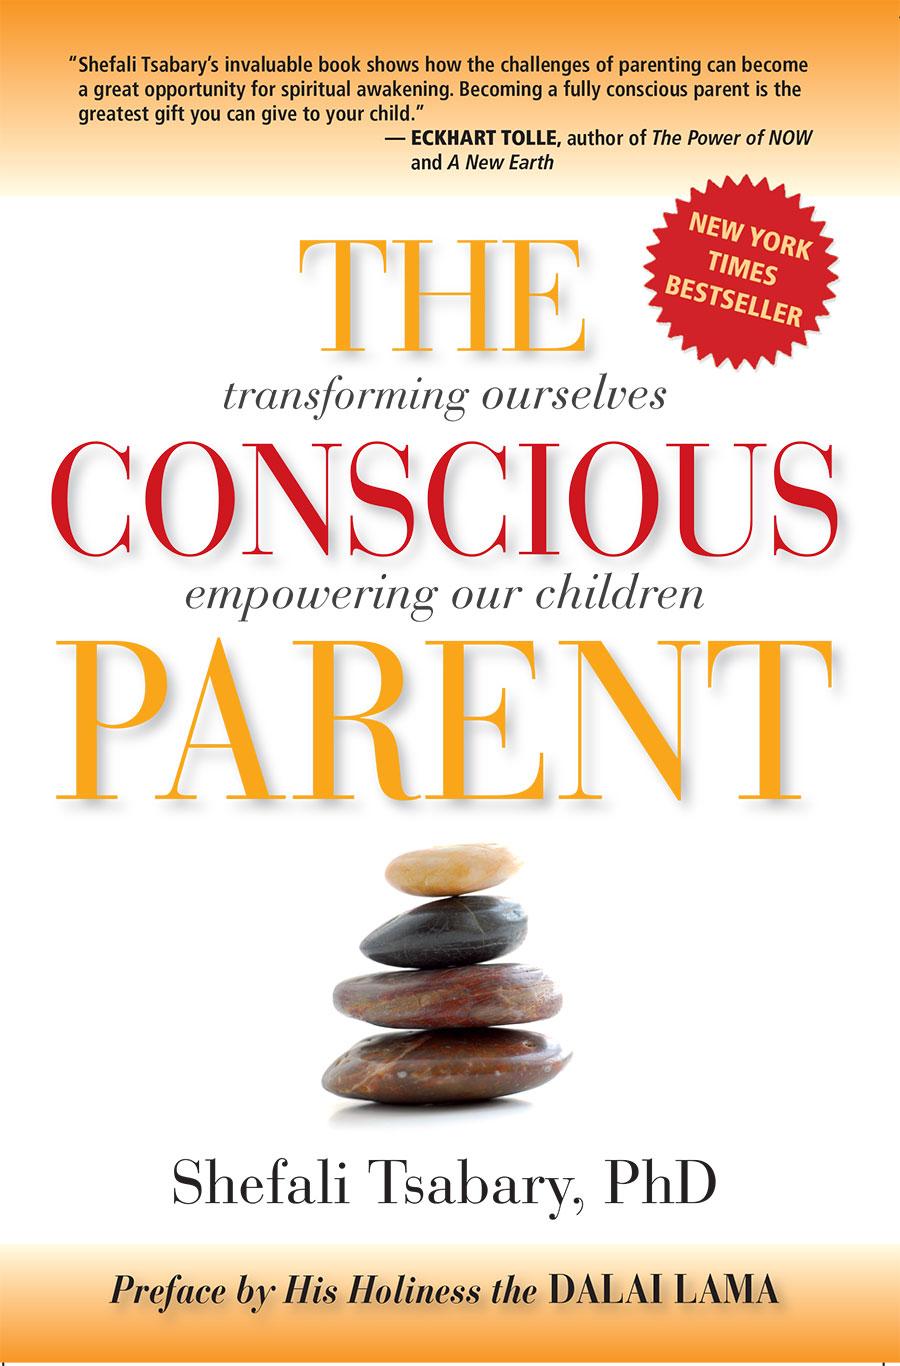 The_Conscious_Parent_Cover_Original.jpg